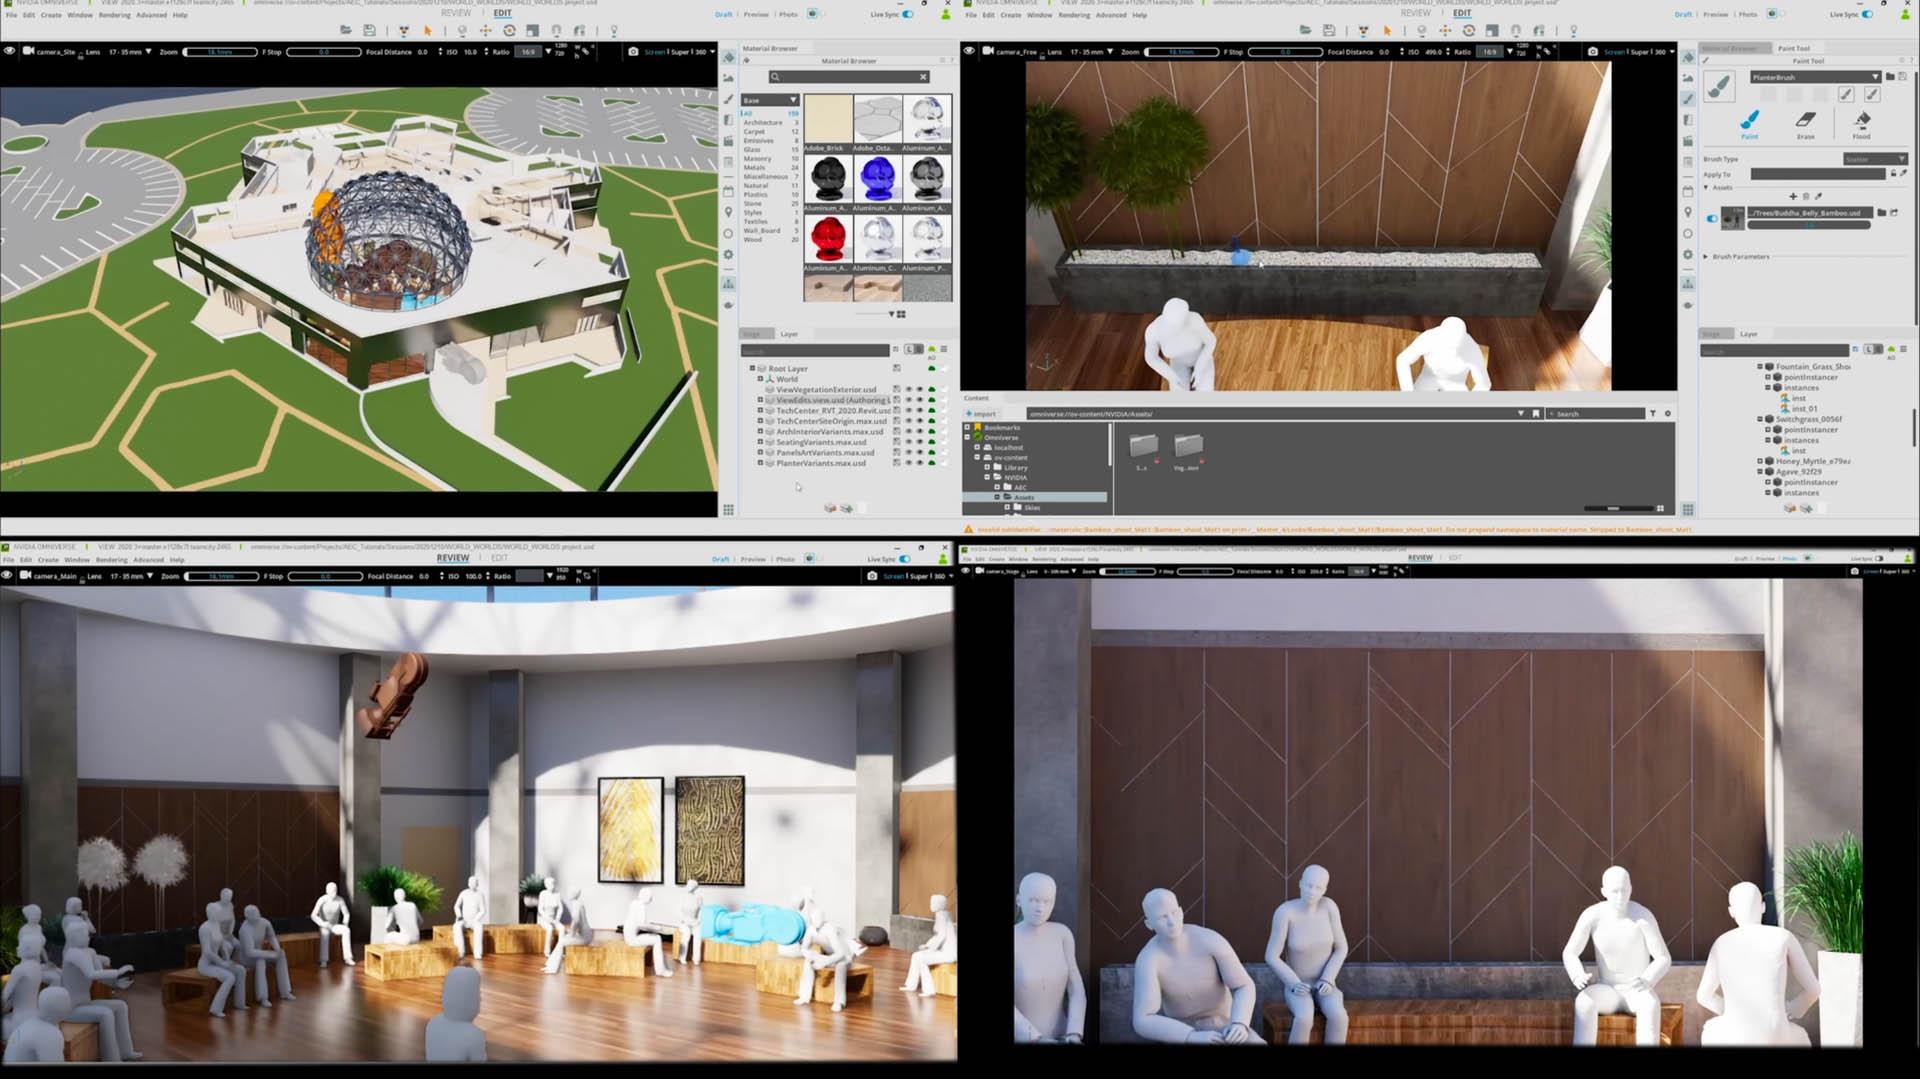 Nvidia Omniverse AEC collaboration